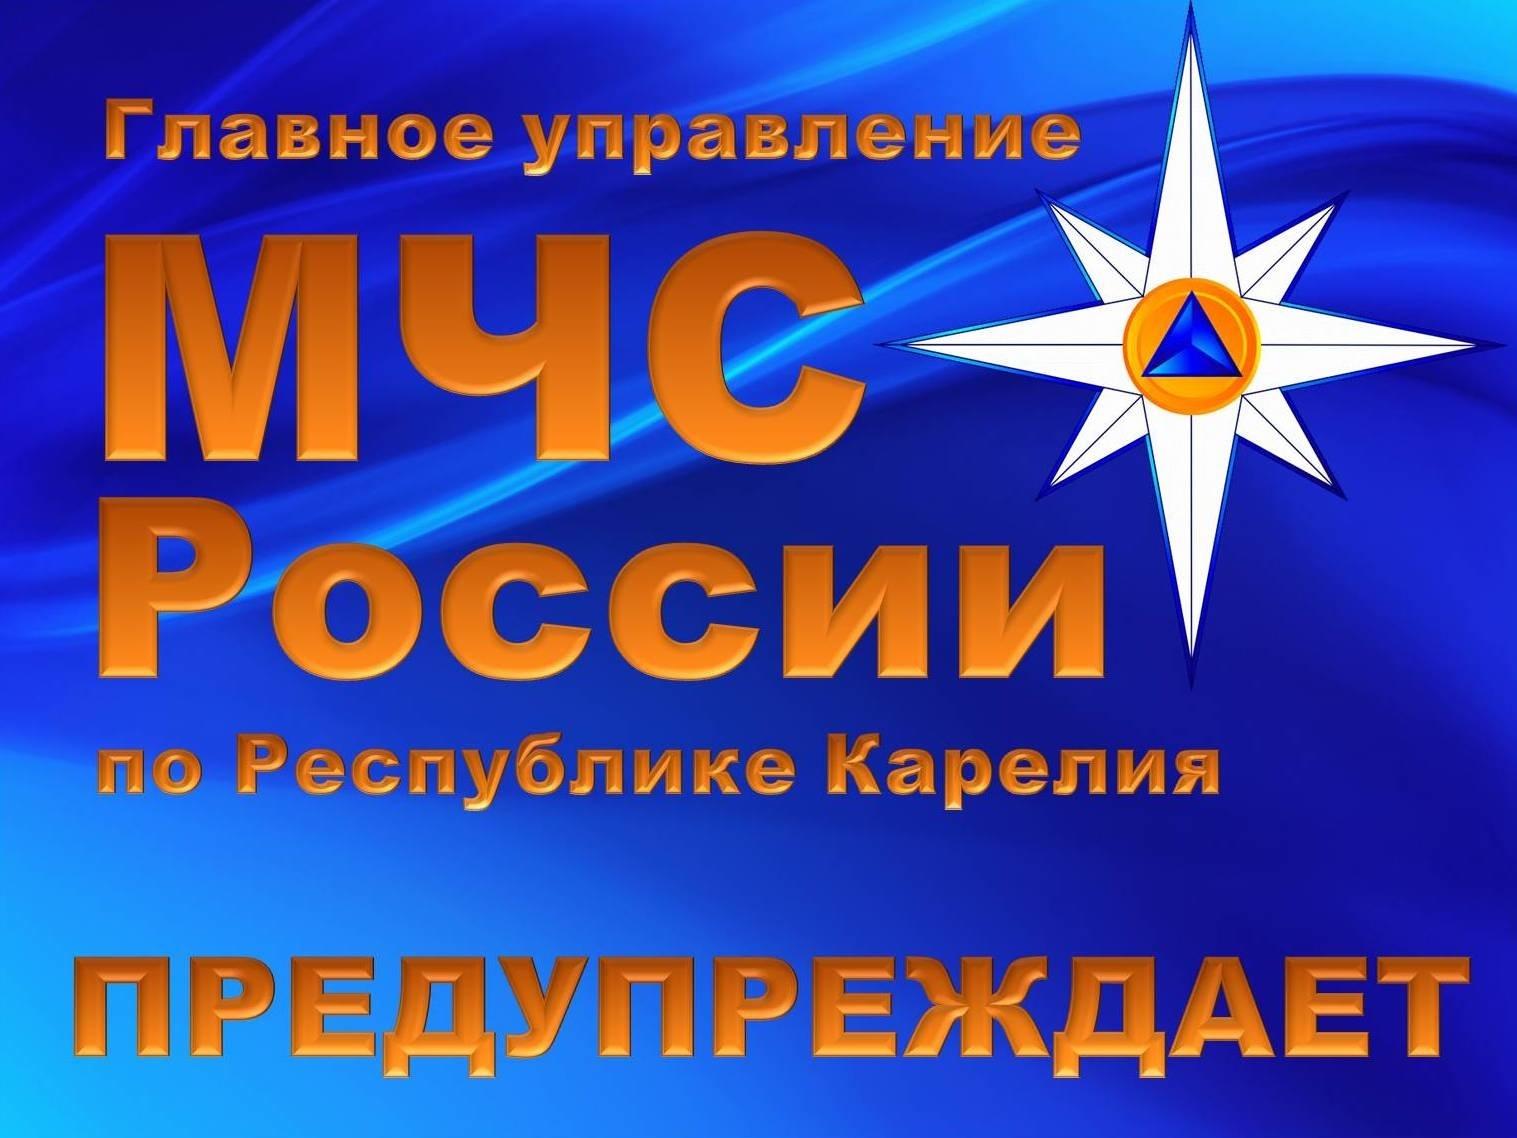 Неблагоприятное гидрометеорологическое явление на территории Республики Карелия на 20 июня 2021 года.